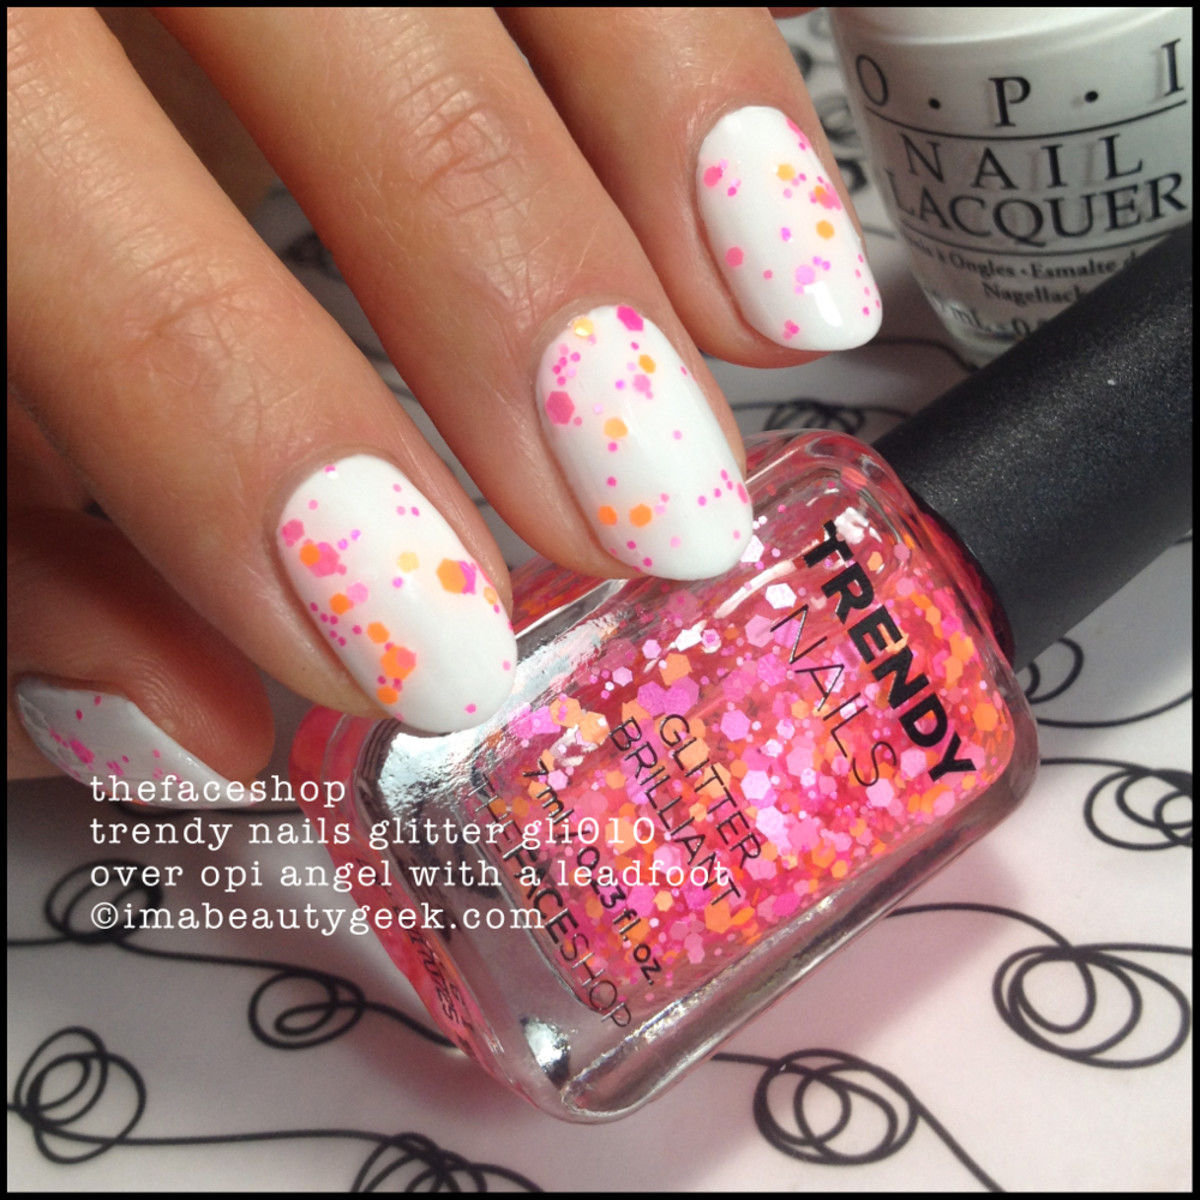 TheFaceShop Trendy Nails glitter Nail Polish GLI010